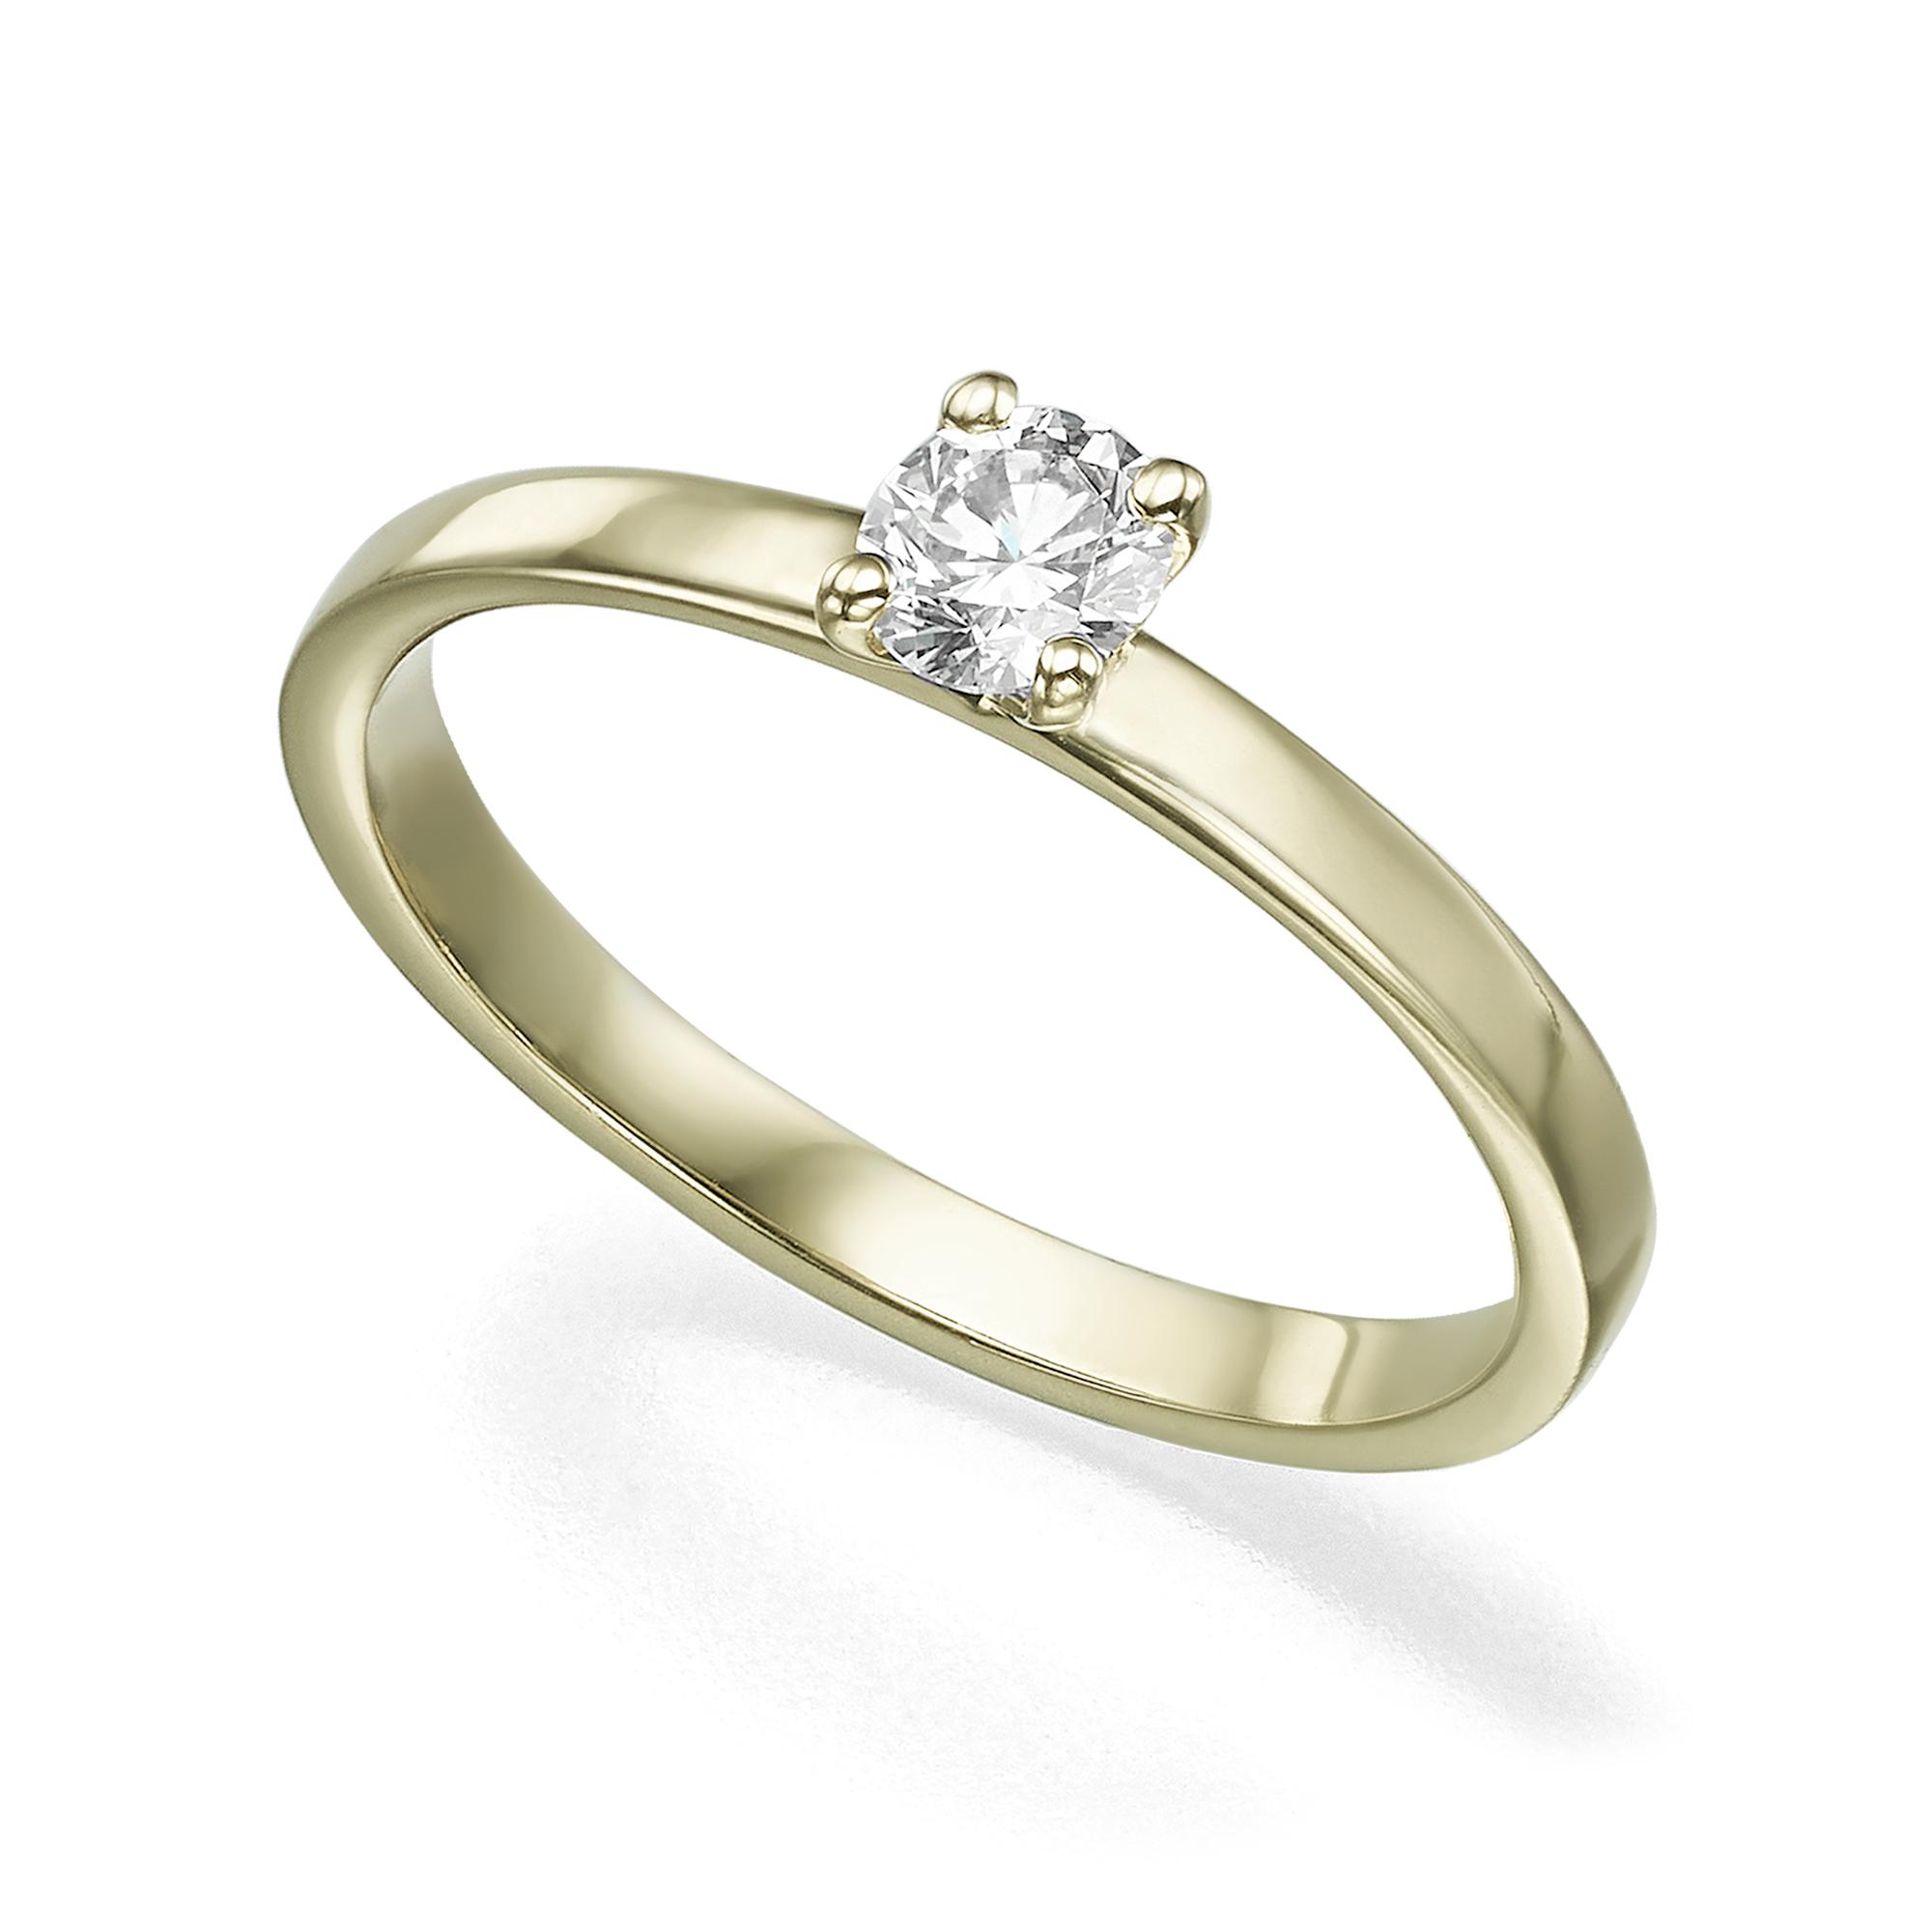 טבעת סוליטר יהלום 20 נקודות פרופיל ישר